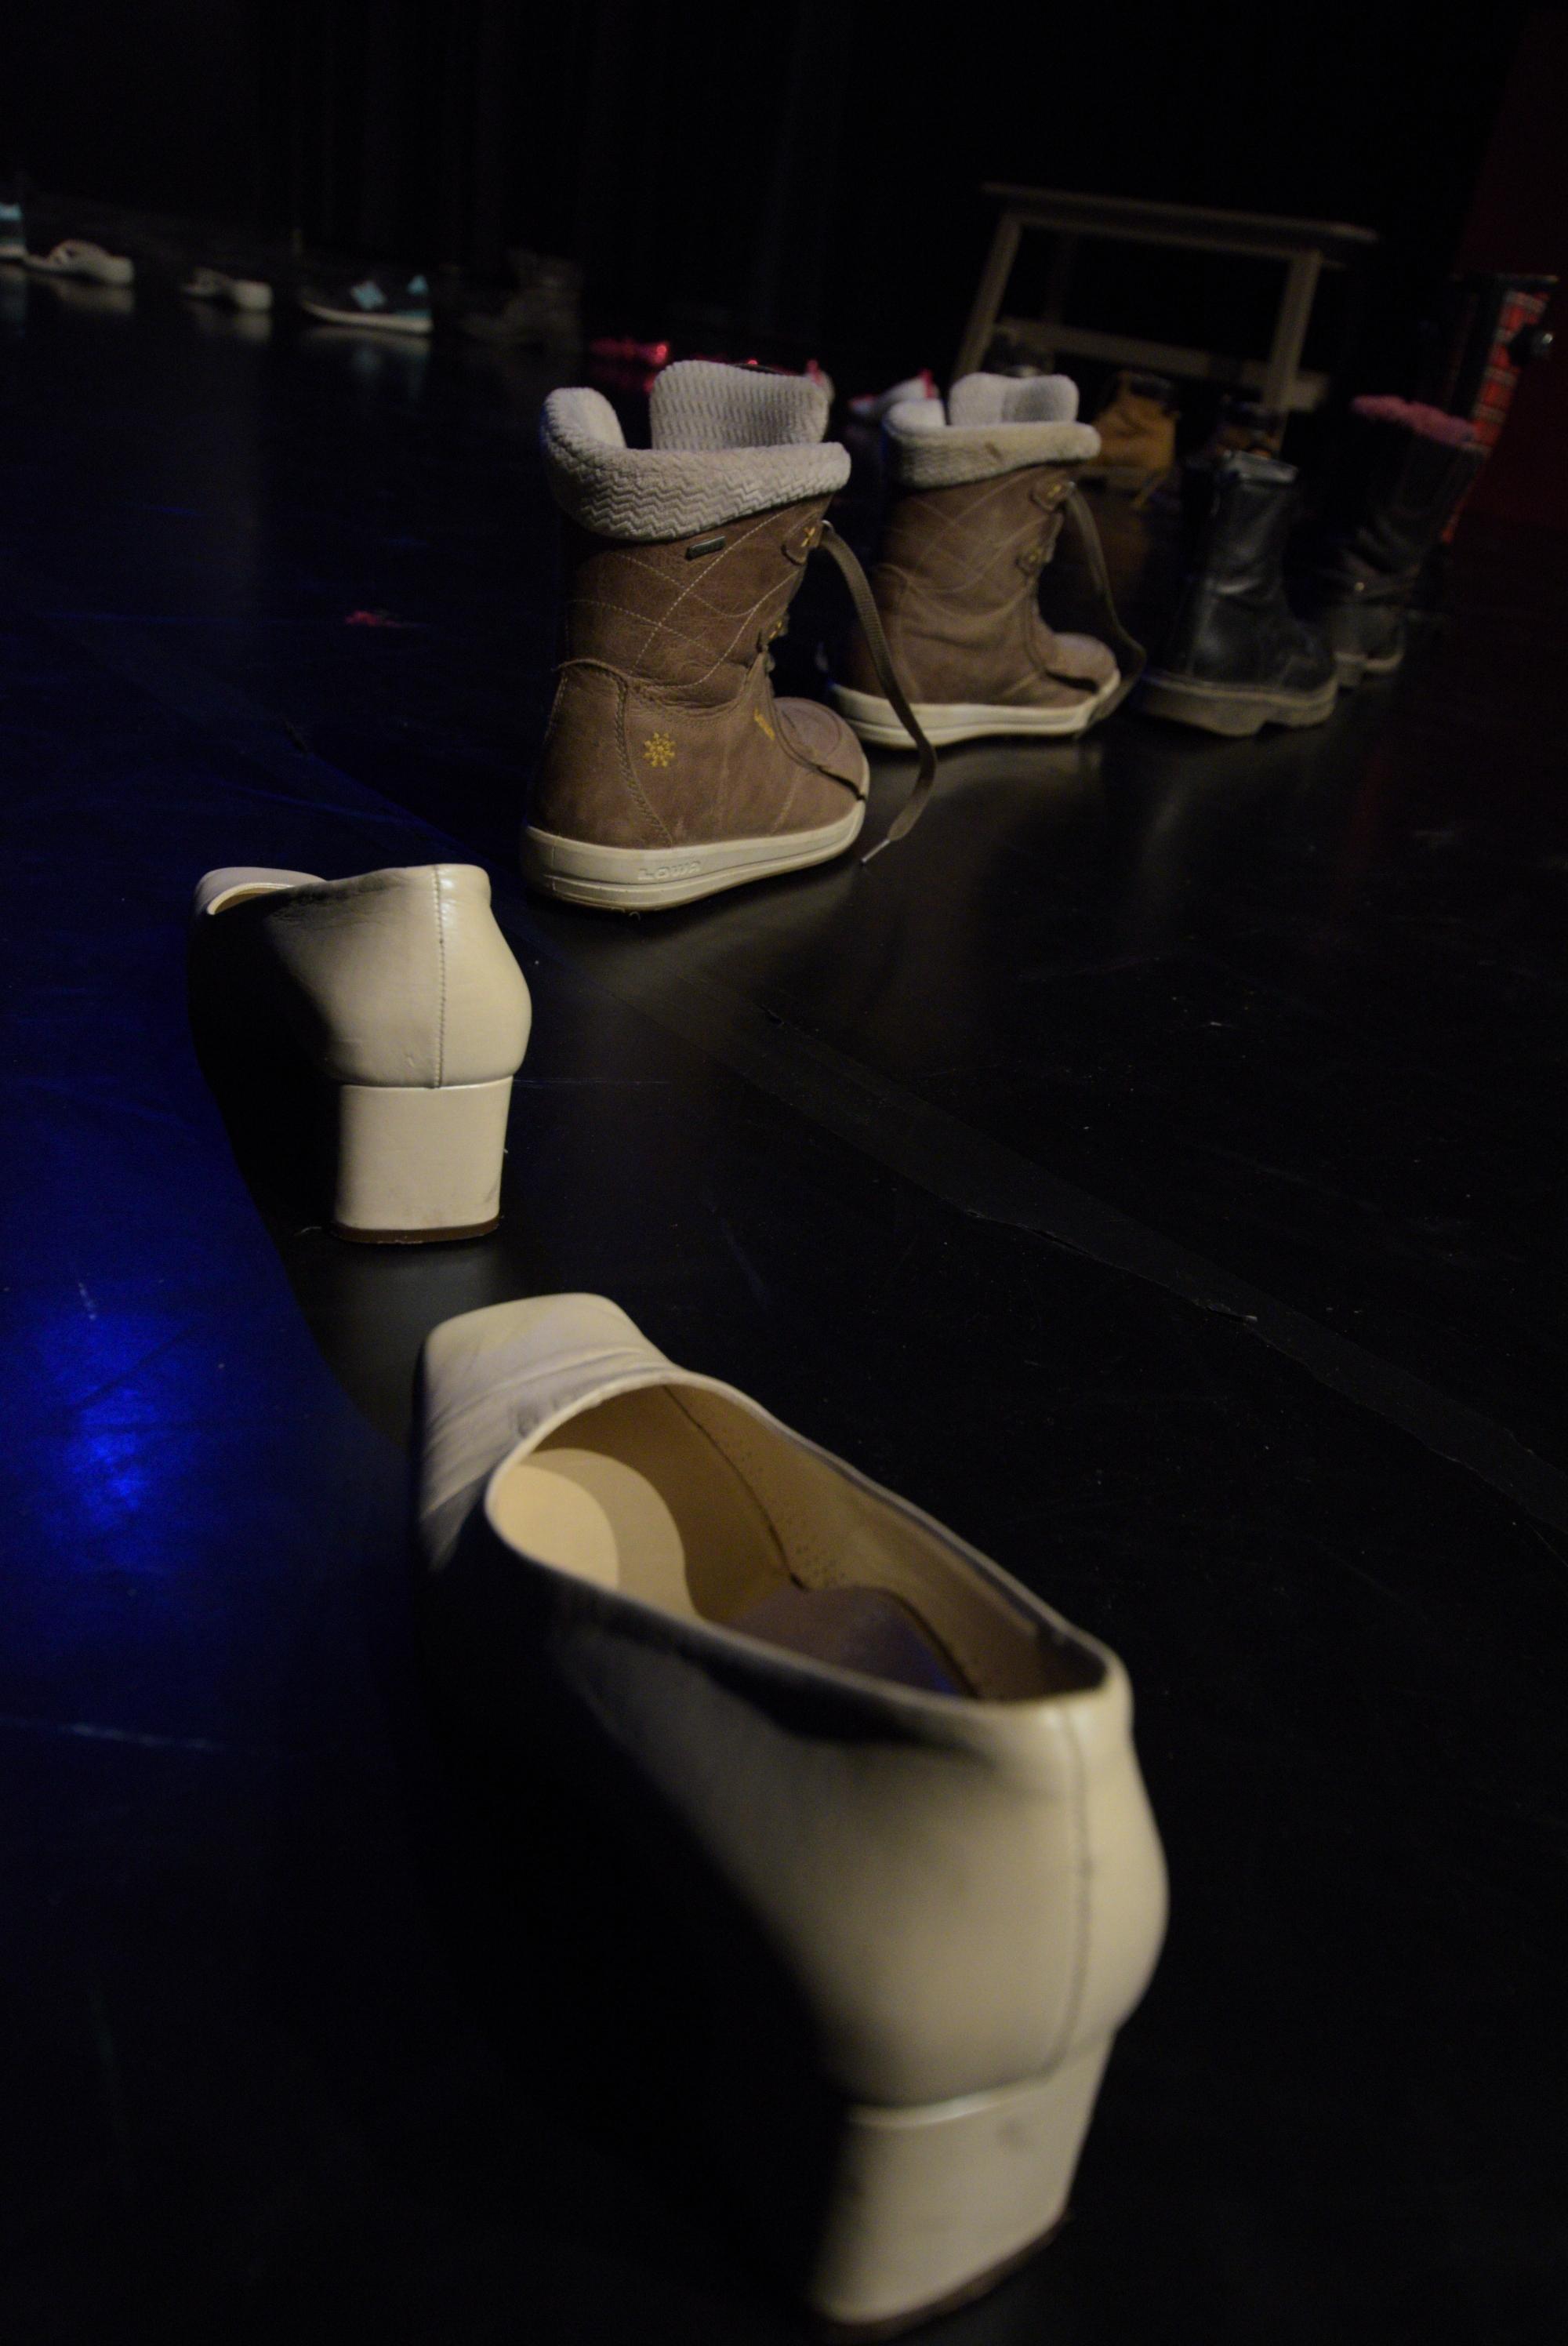 2017 zinnober Die zertanzten Schuhe 02.JPG